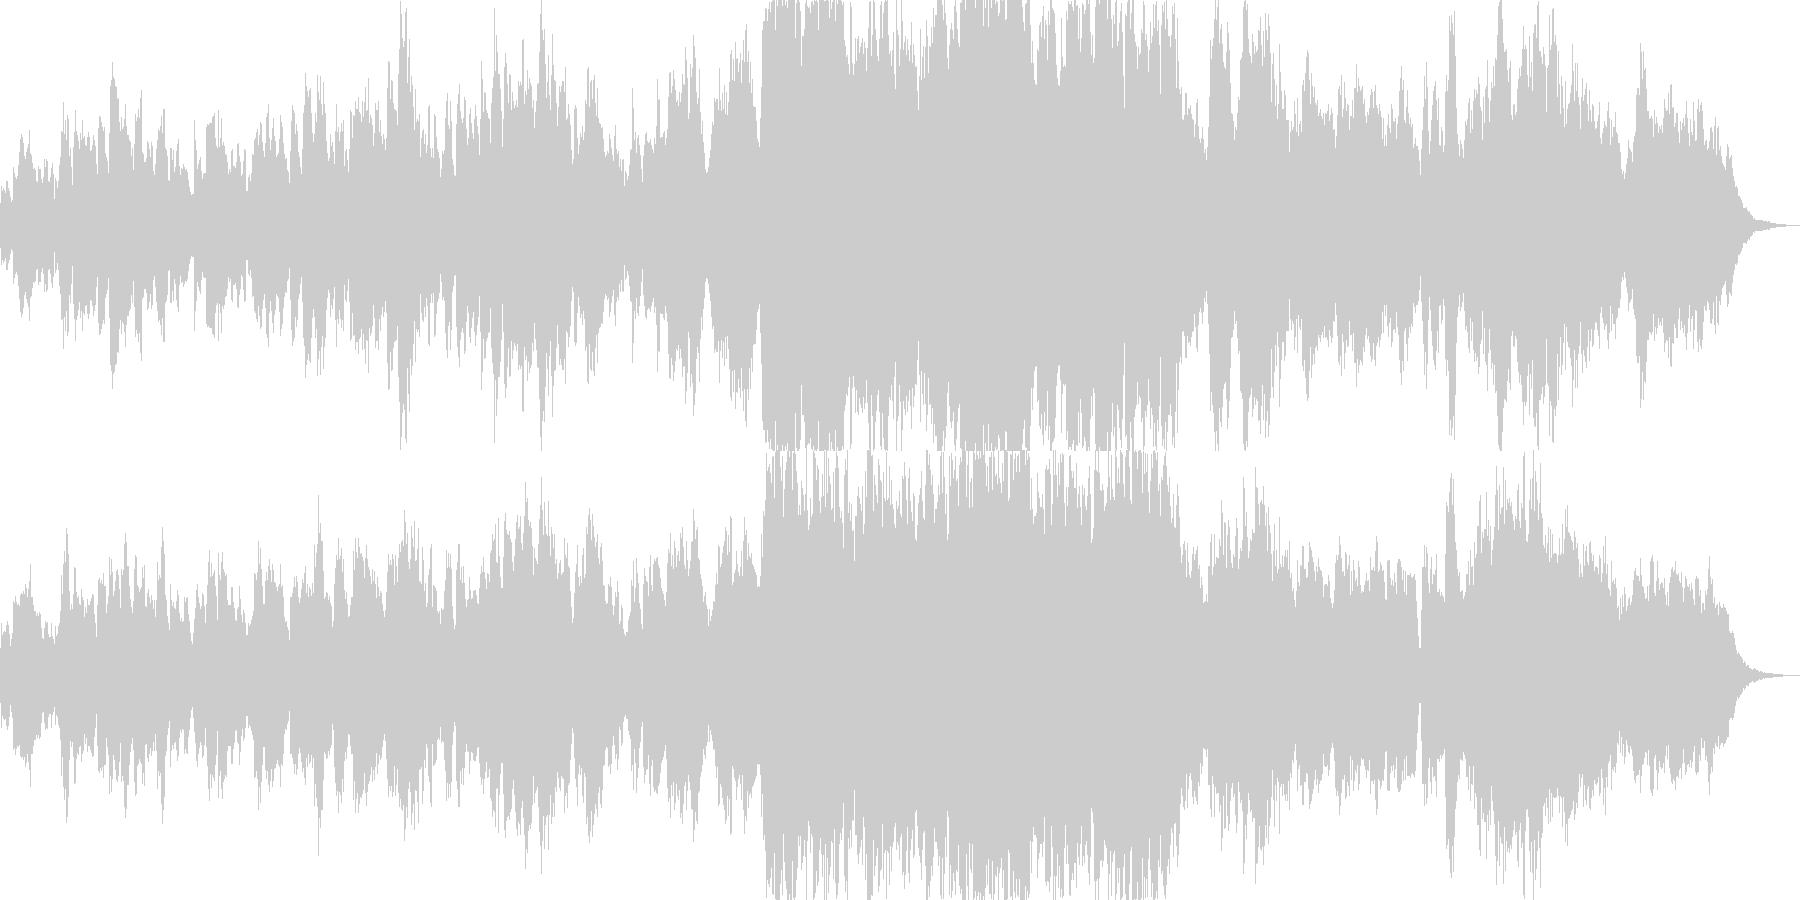 懐かしい感じのオーケストラ風BGMの未再生の波形